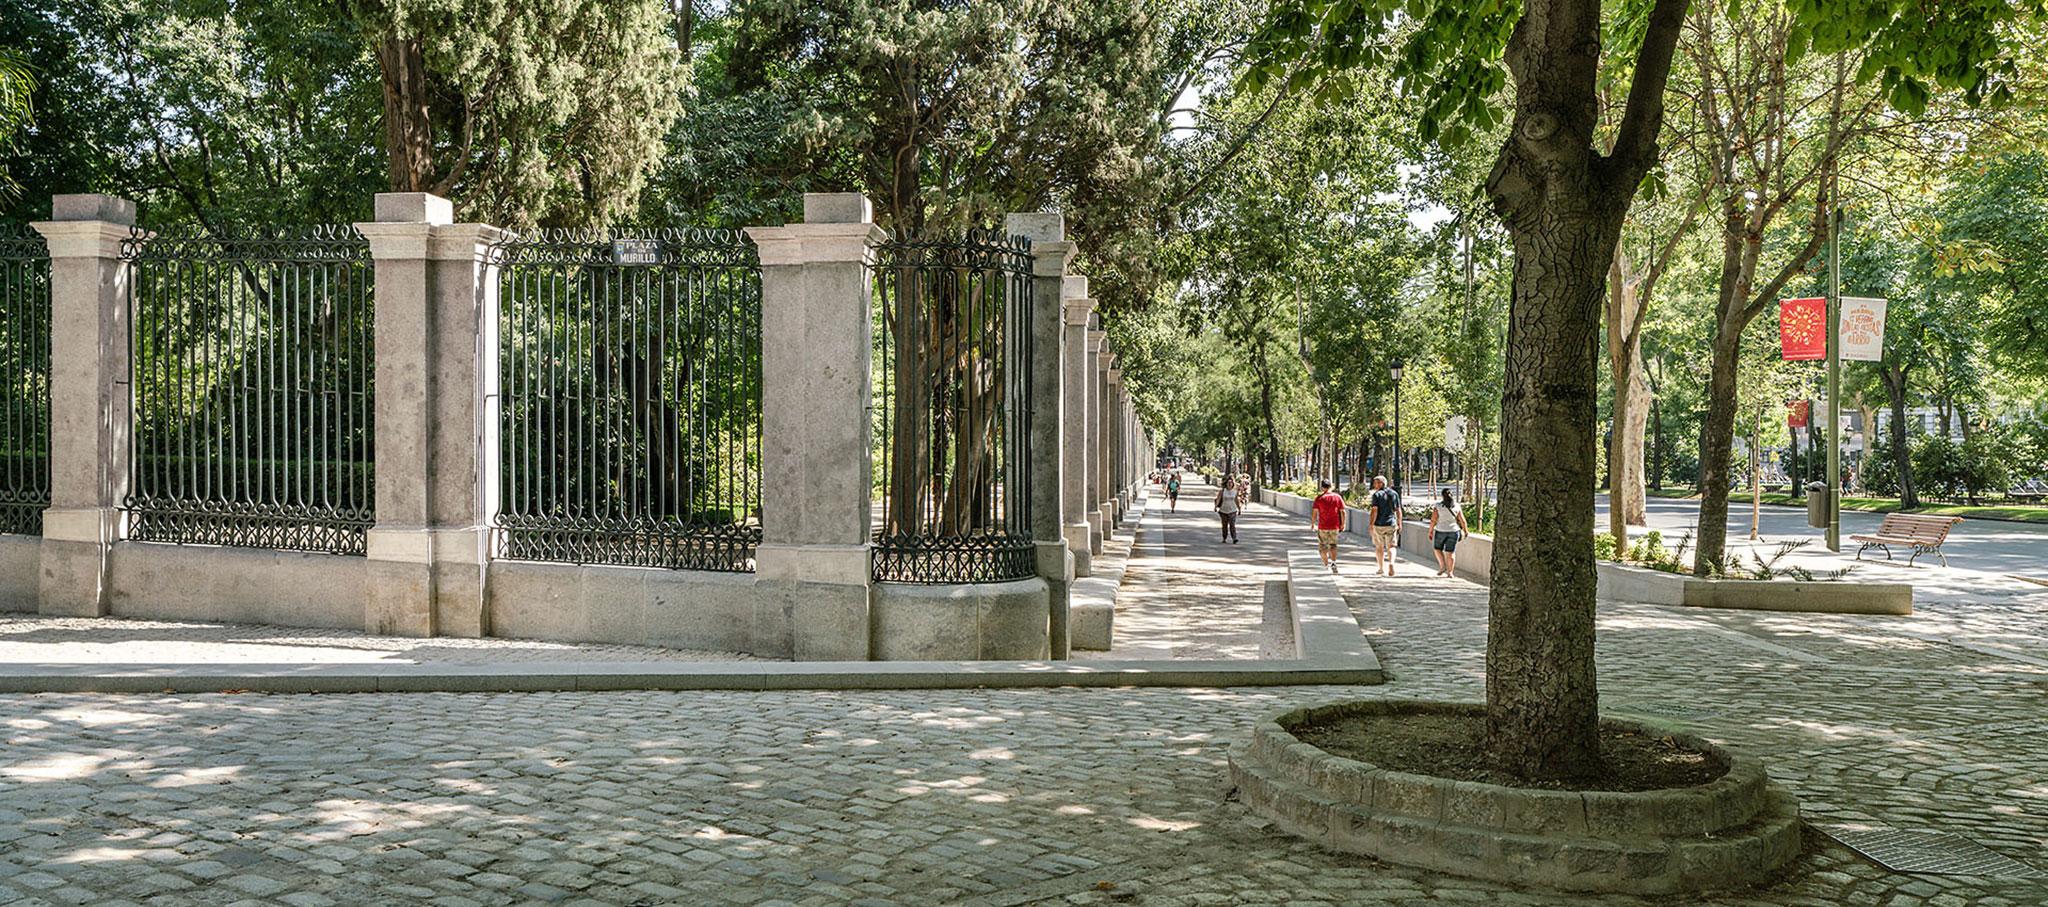 Recuperación del cerramiento exterior del Real Jardín Botánico por Carlos de Riaño. Fotografía por Imagen Subliminal. Miguel de Guzmán / Rocío Romero